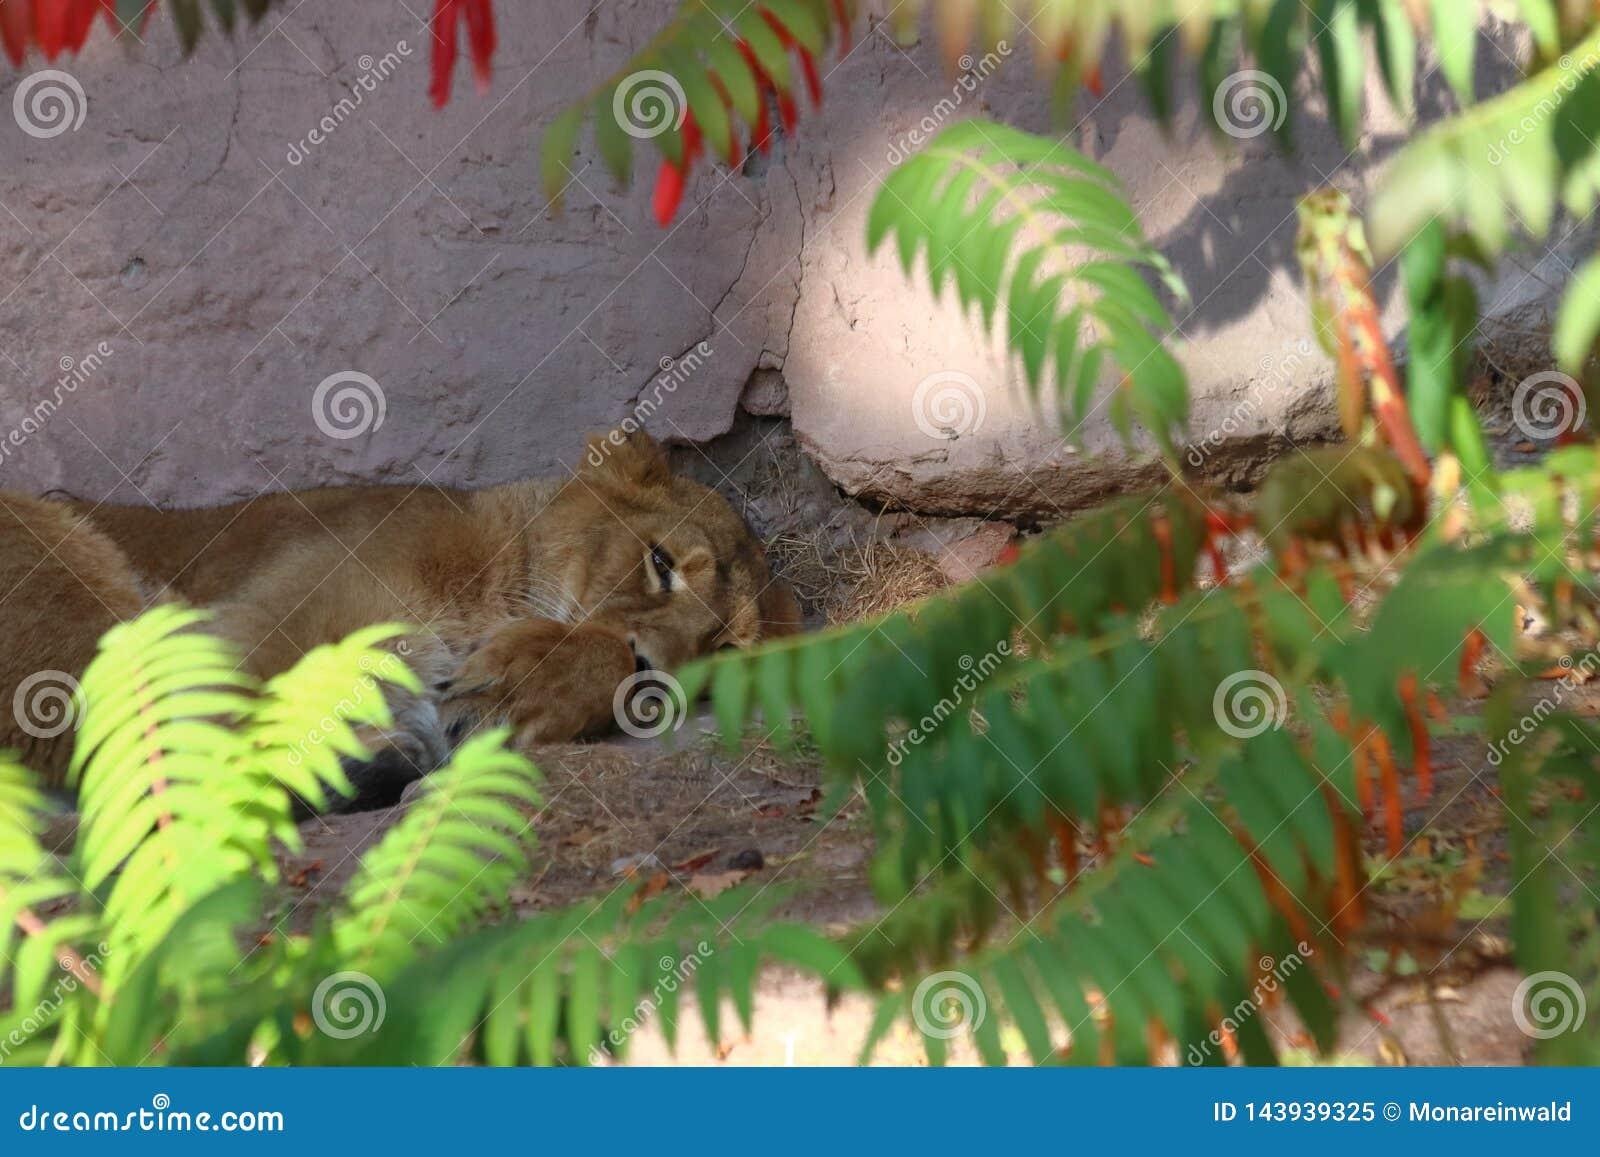 Tiger sleeping in zoo in nuremberg.